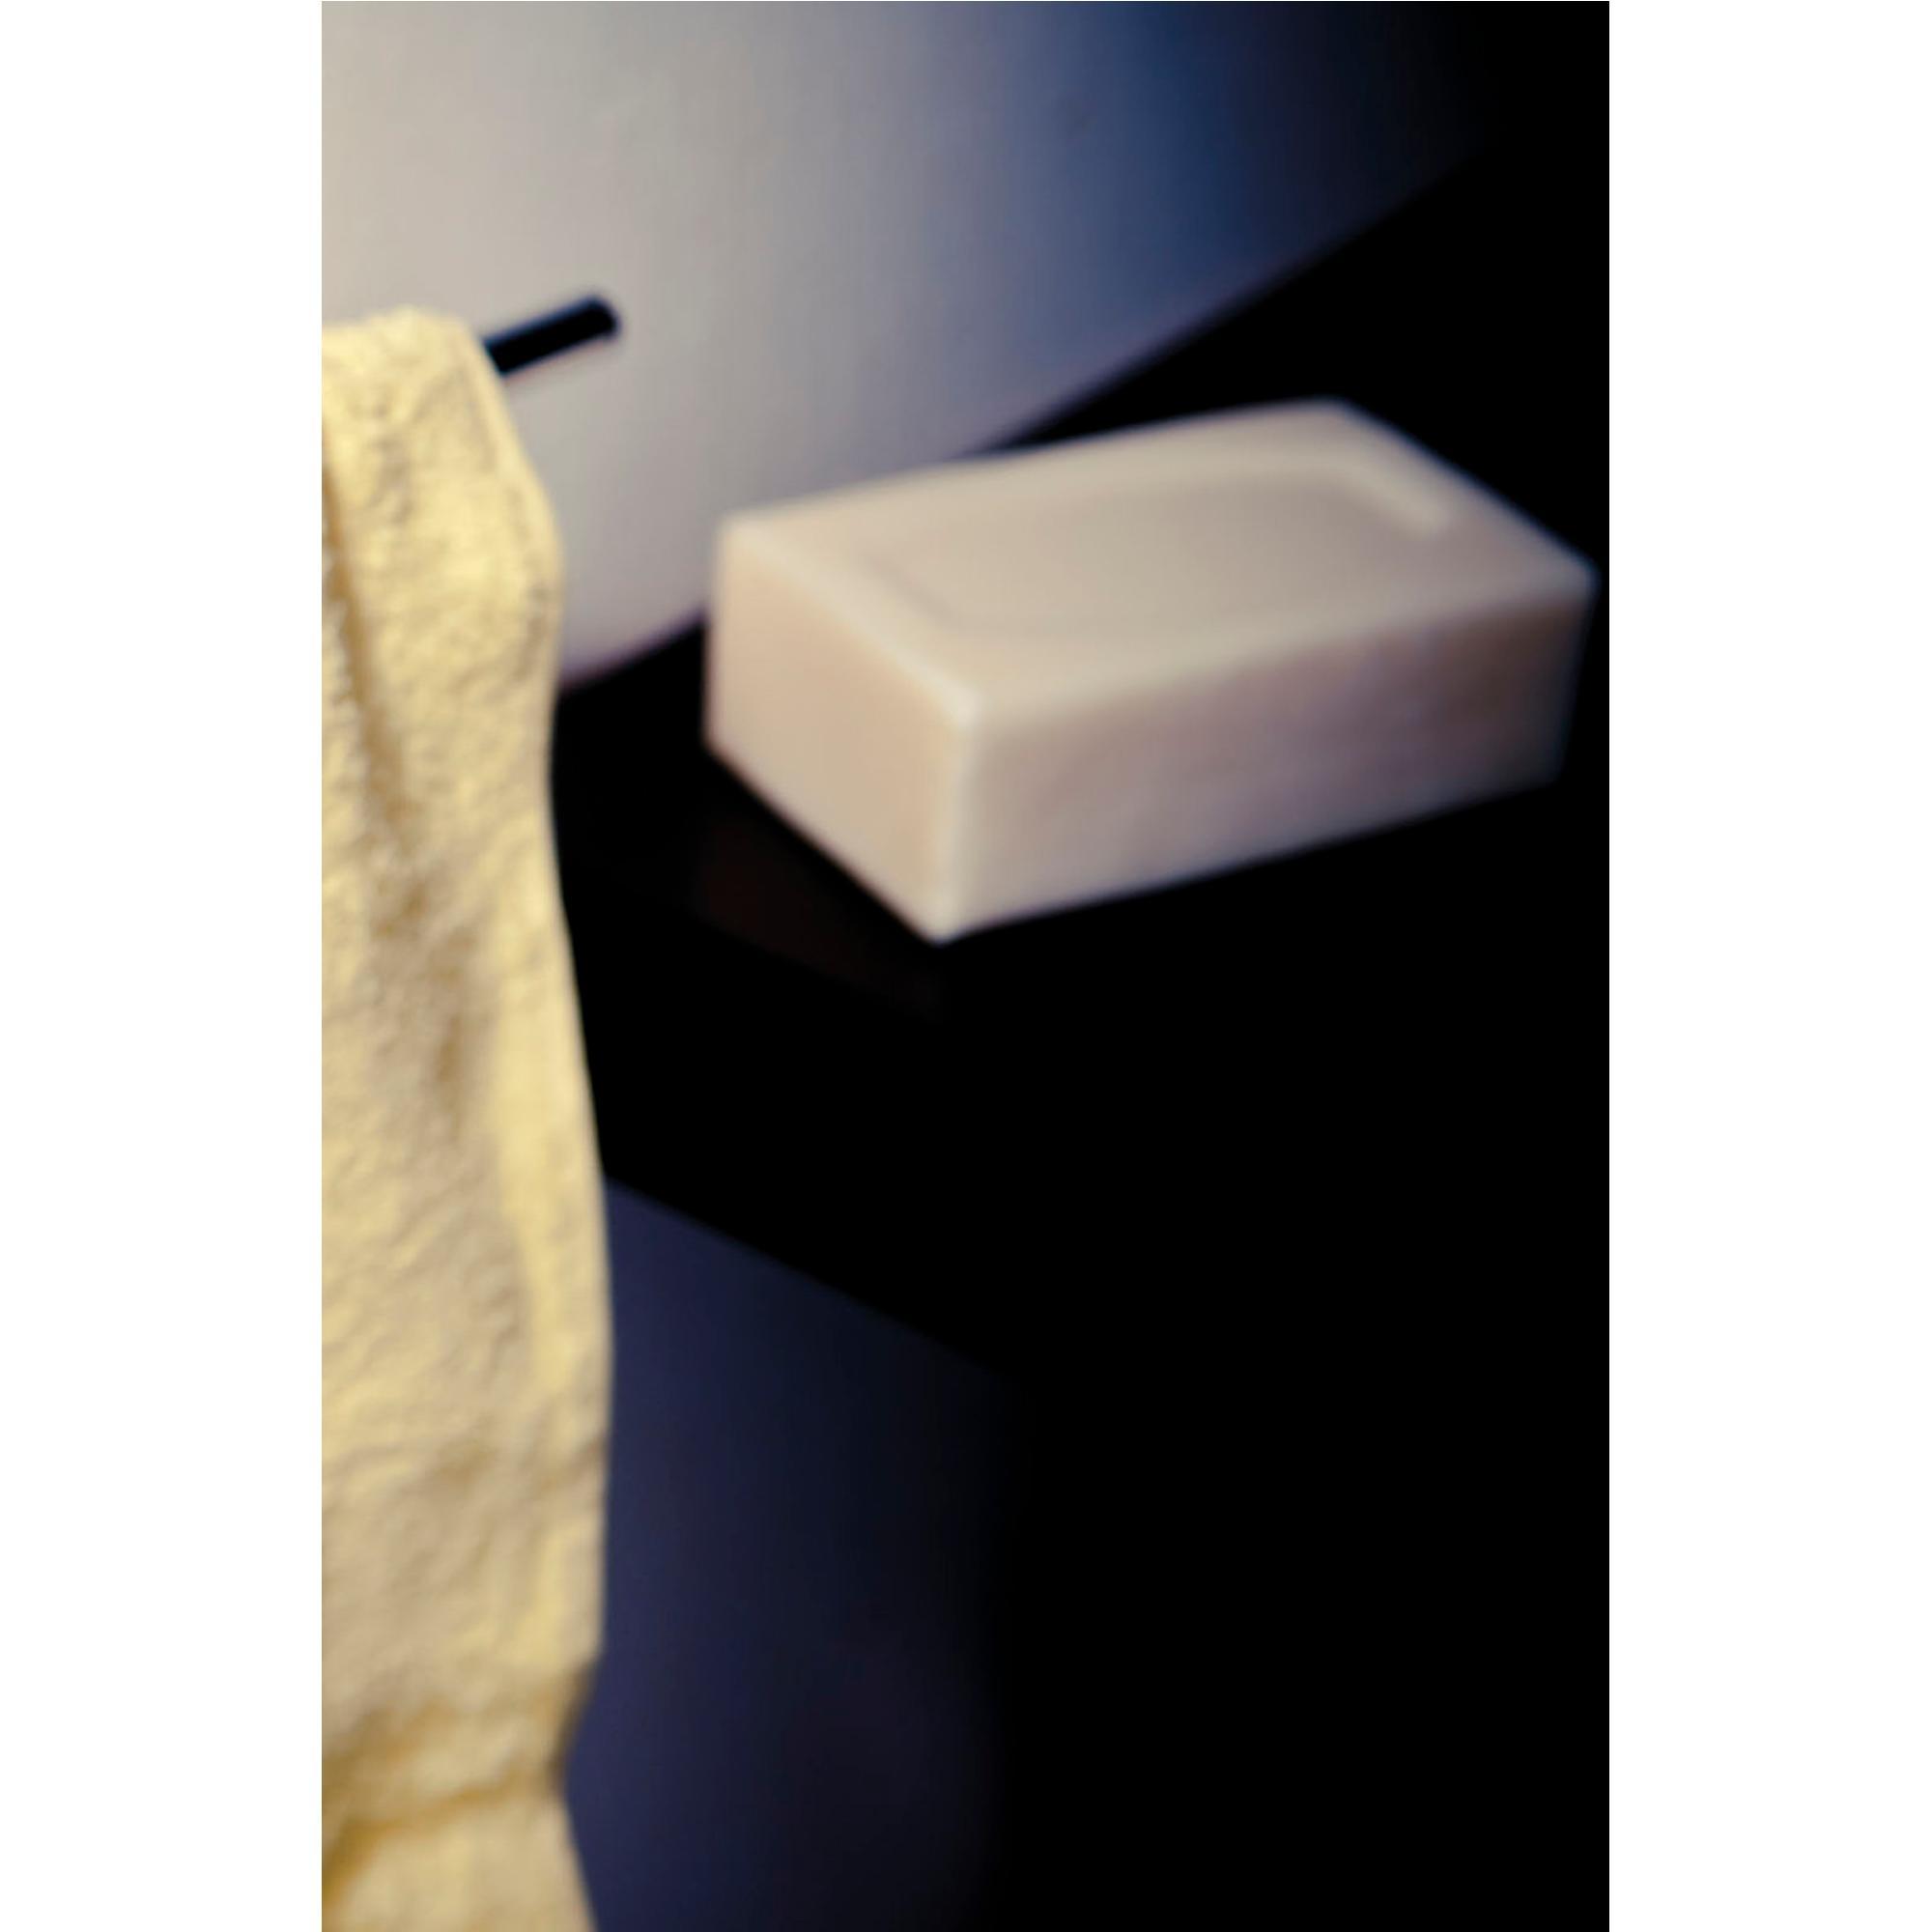 Porta asciugamani bidet 30x5xh2 cm in finitura cromo - Porta asciugamani bidet ...